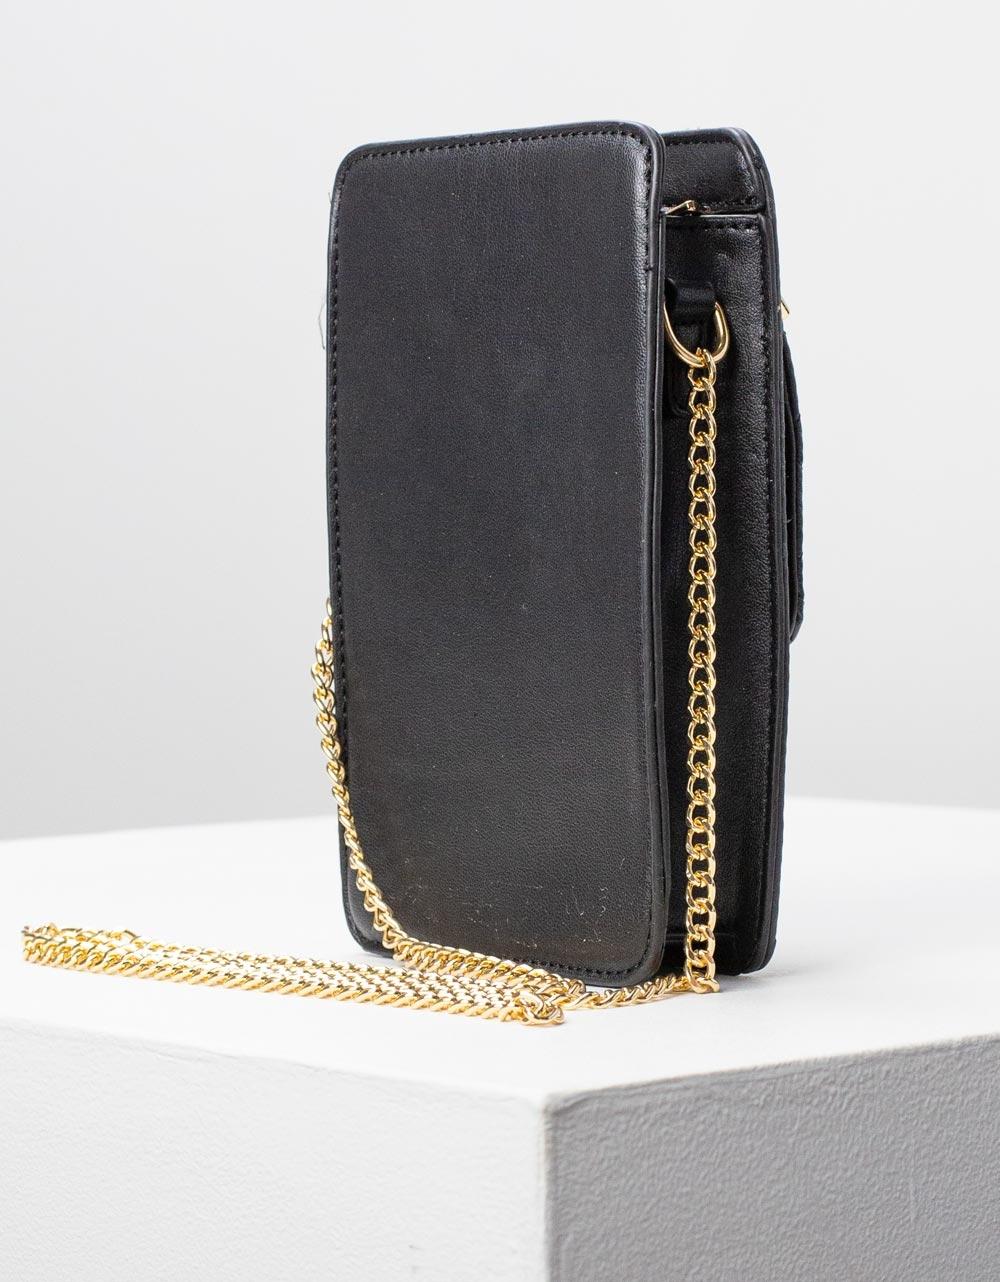 Εικόνα από Γυναικείο πορτοφόλι τσαντάκι με καπιτονέ λεπτομέρεια Μαύρο